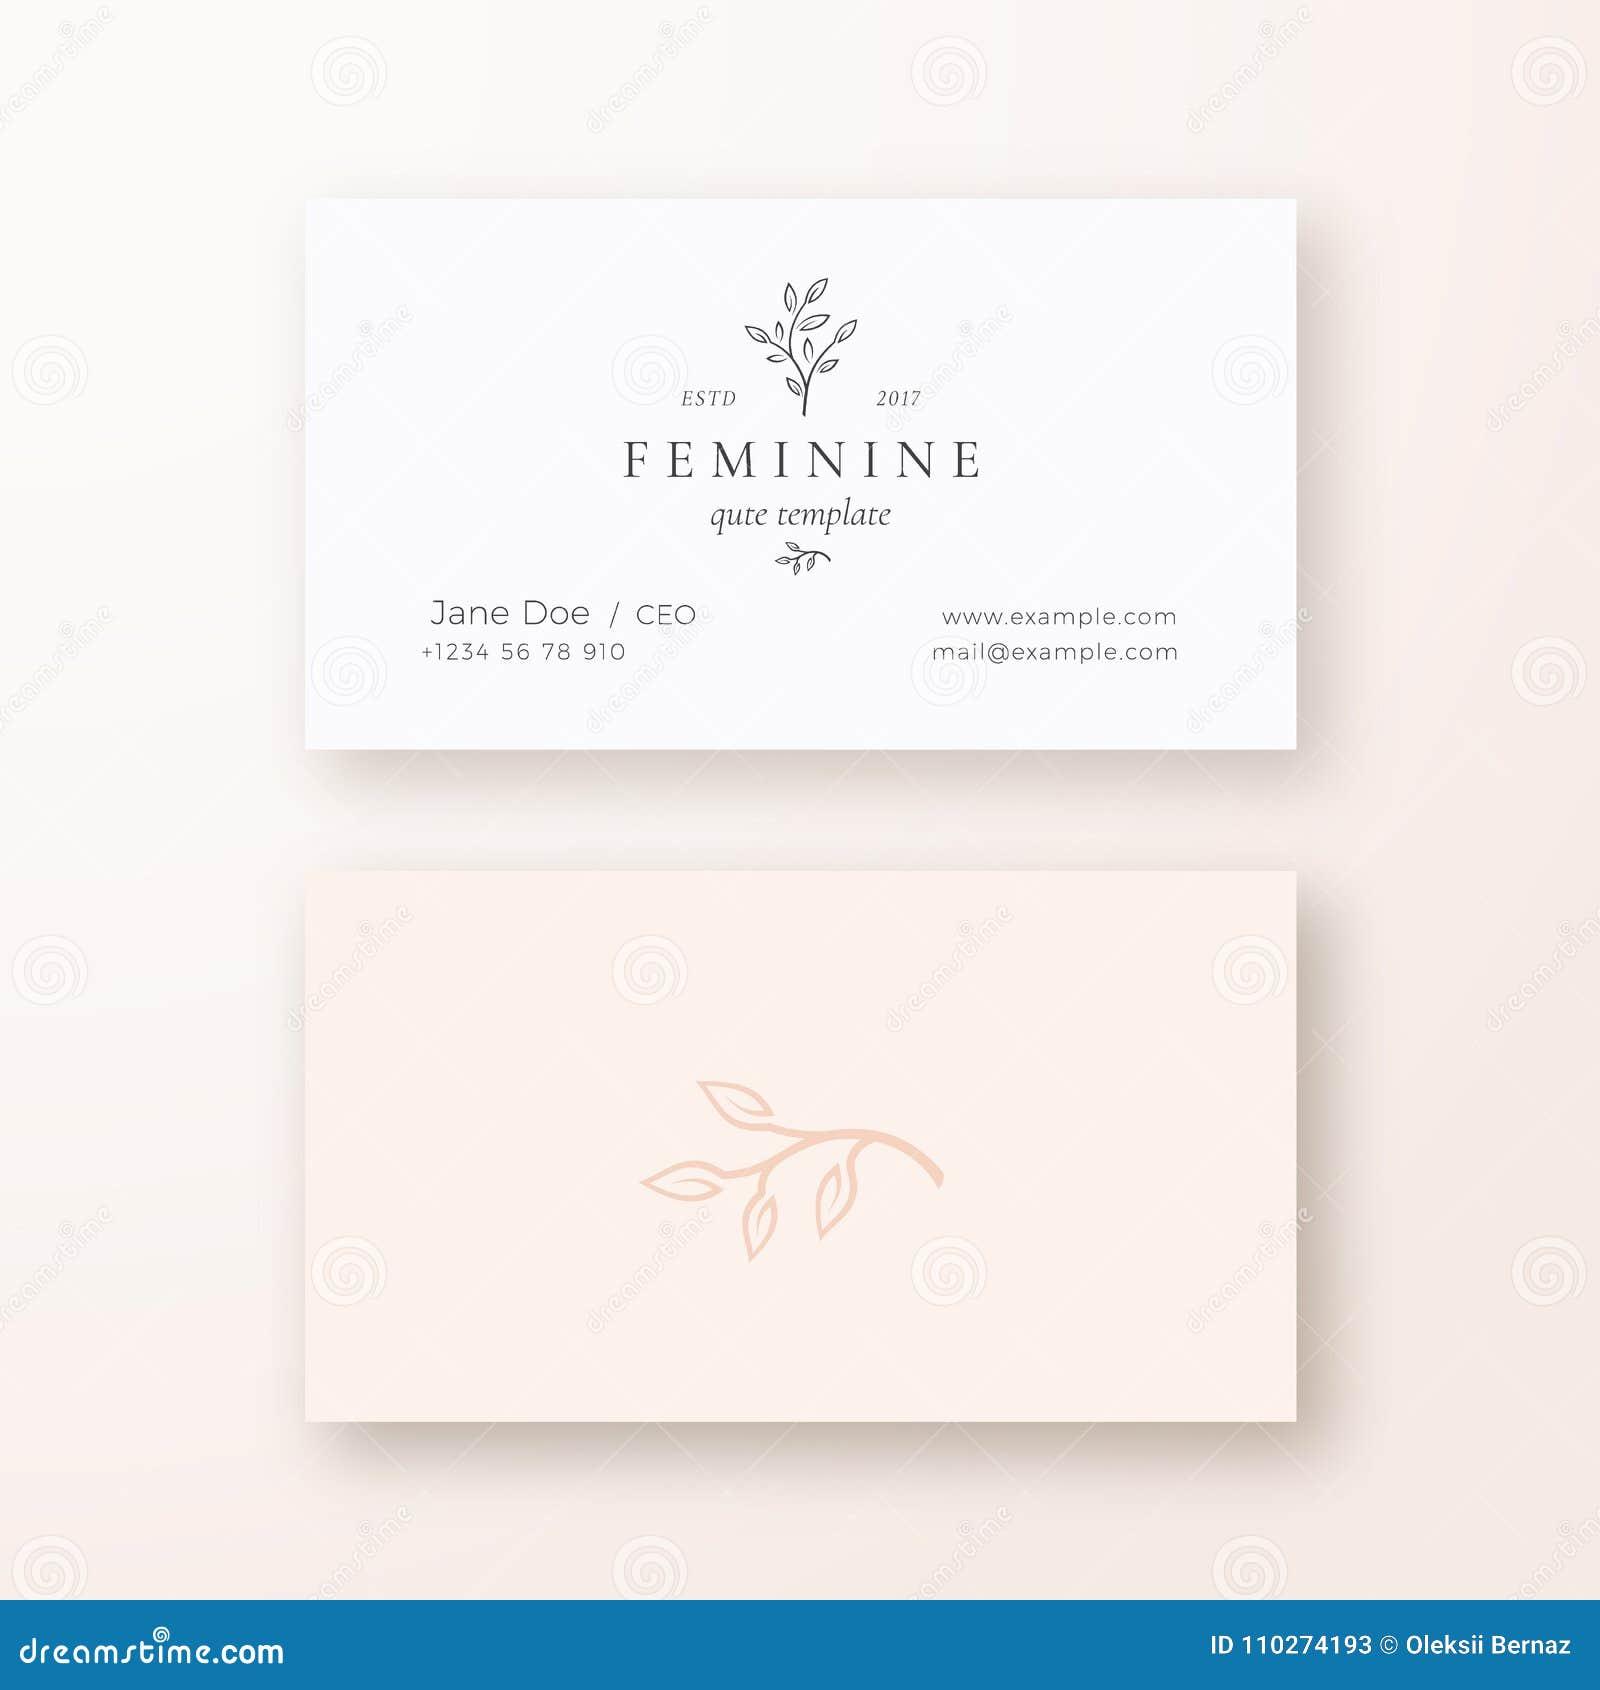 Signe De Vecteur Branche Feuille Ou Calibre Fminins Abstraits Carte Visite Professionnelle